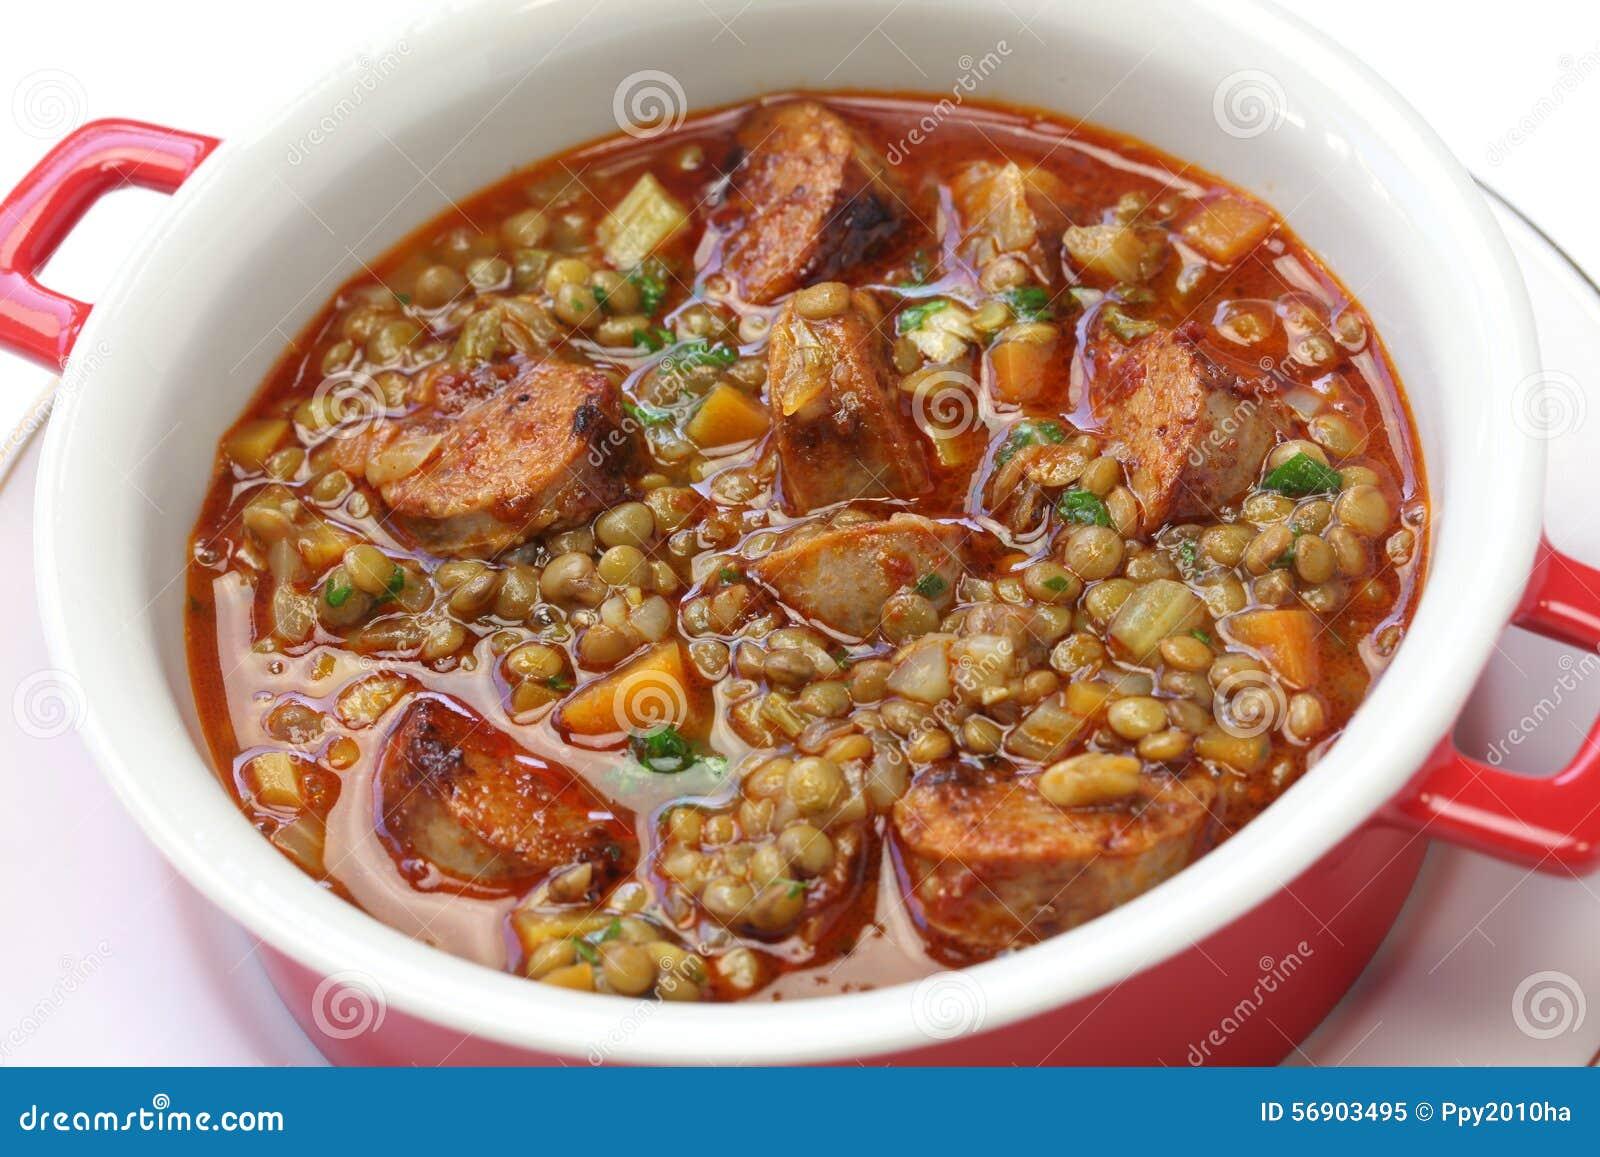 Spanish Lentil Soup With Chorizo Stock Photo - Image: 56903495